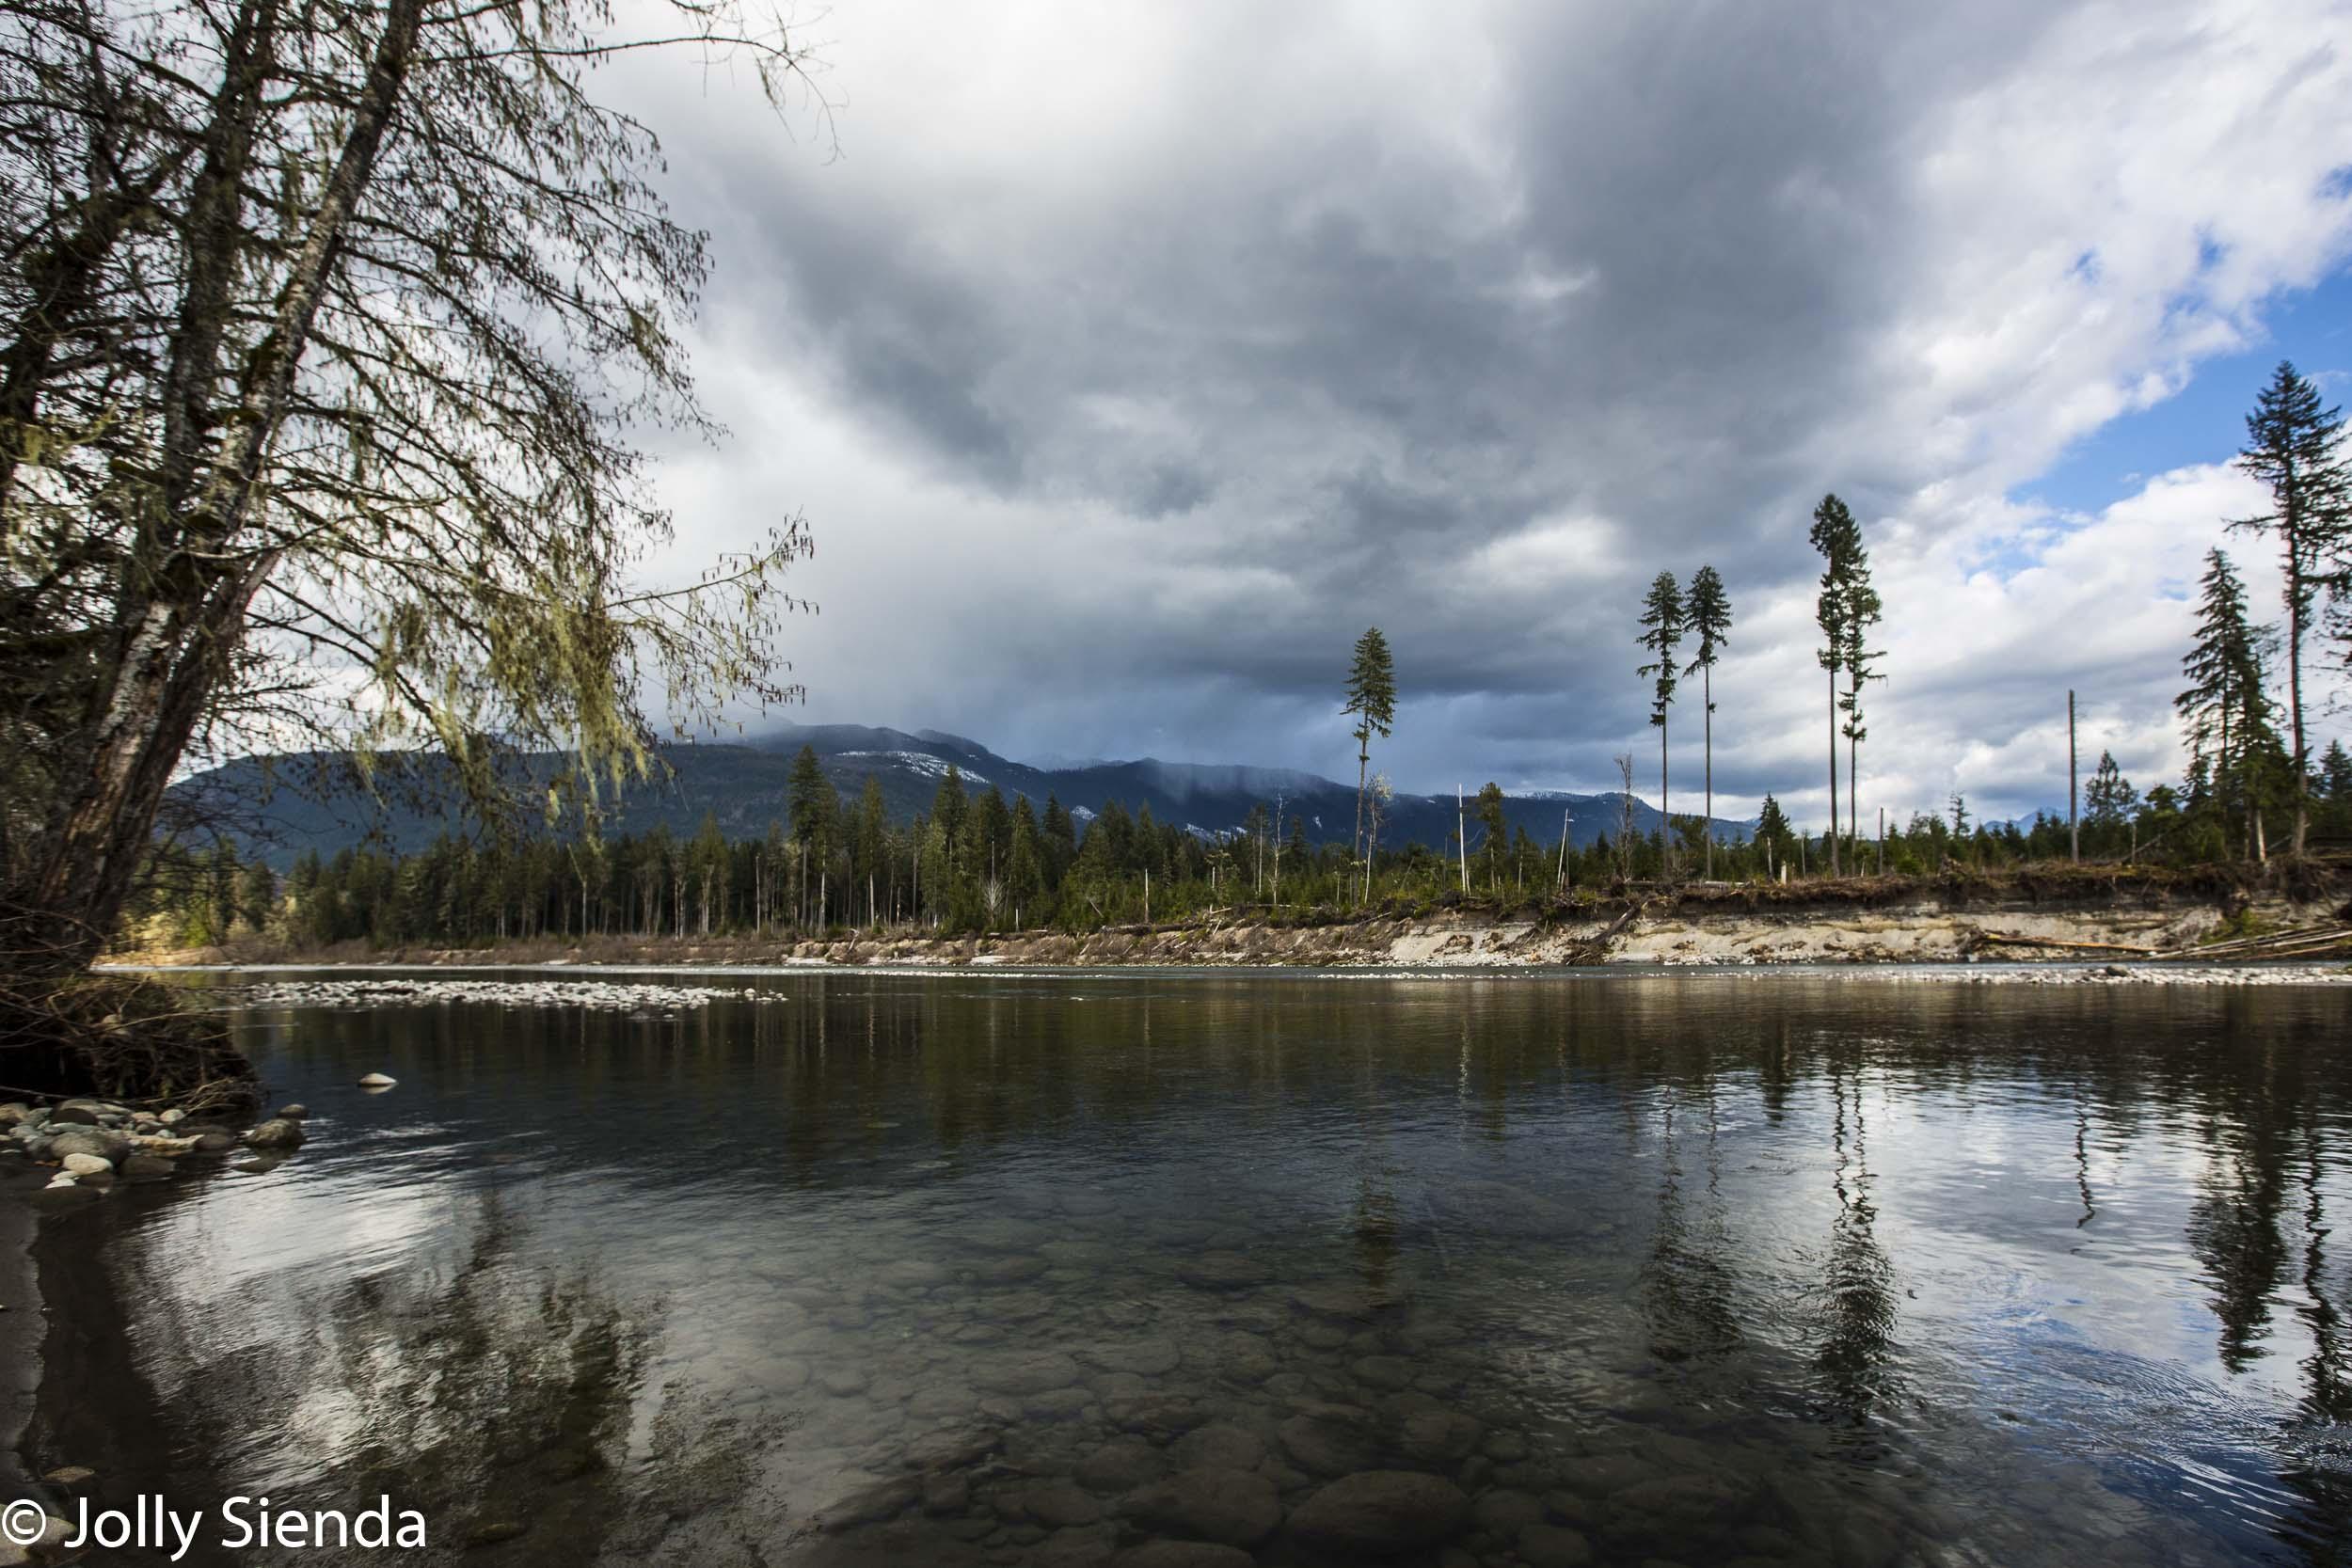 Sauk River and the Cascade Mountains